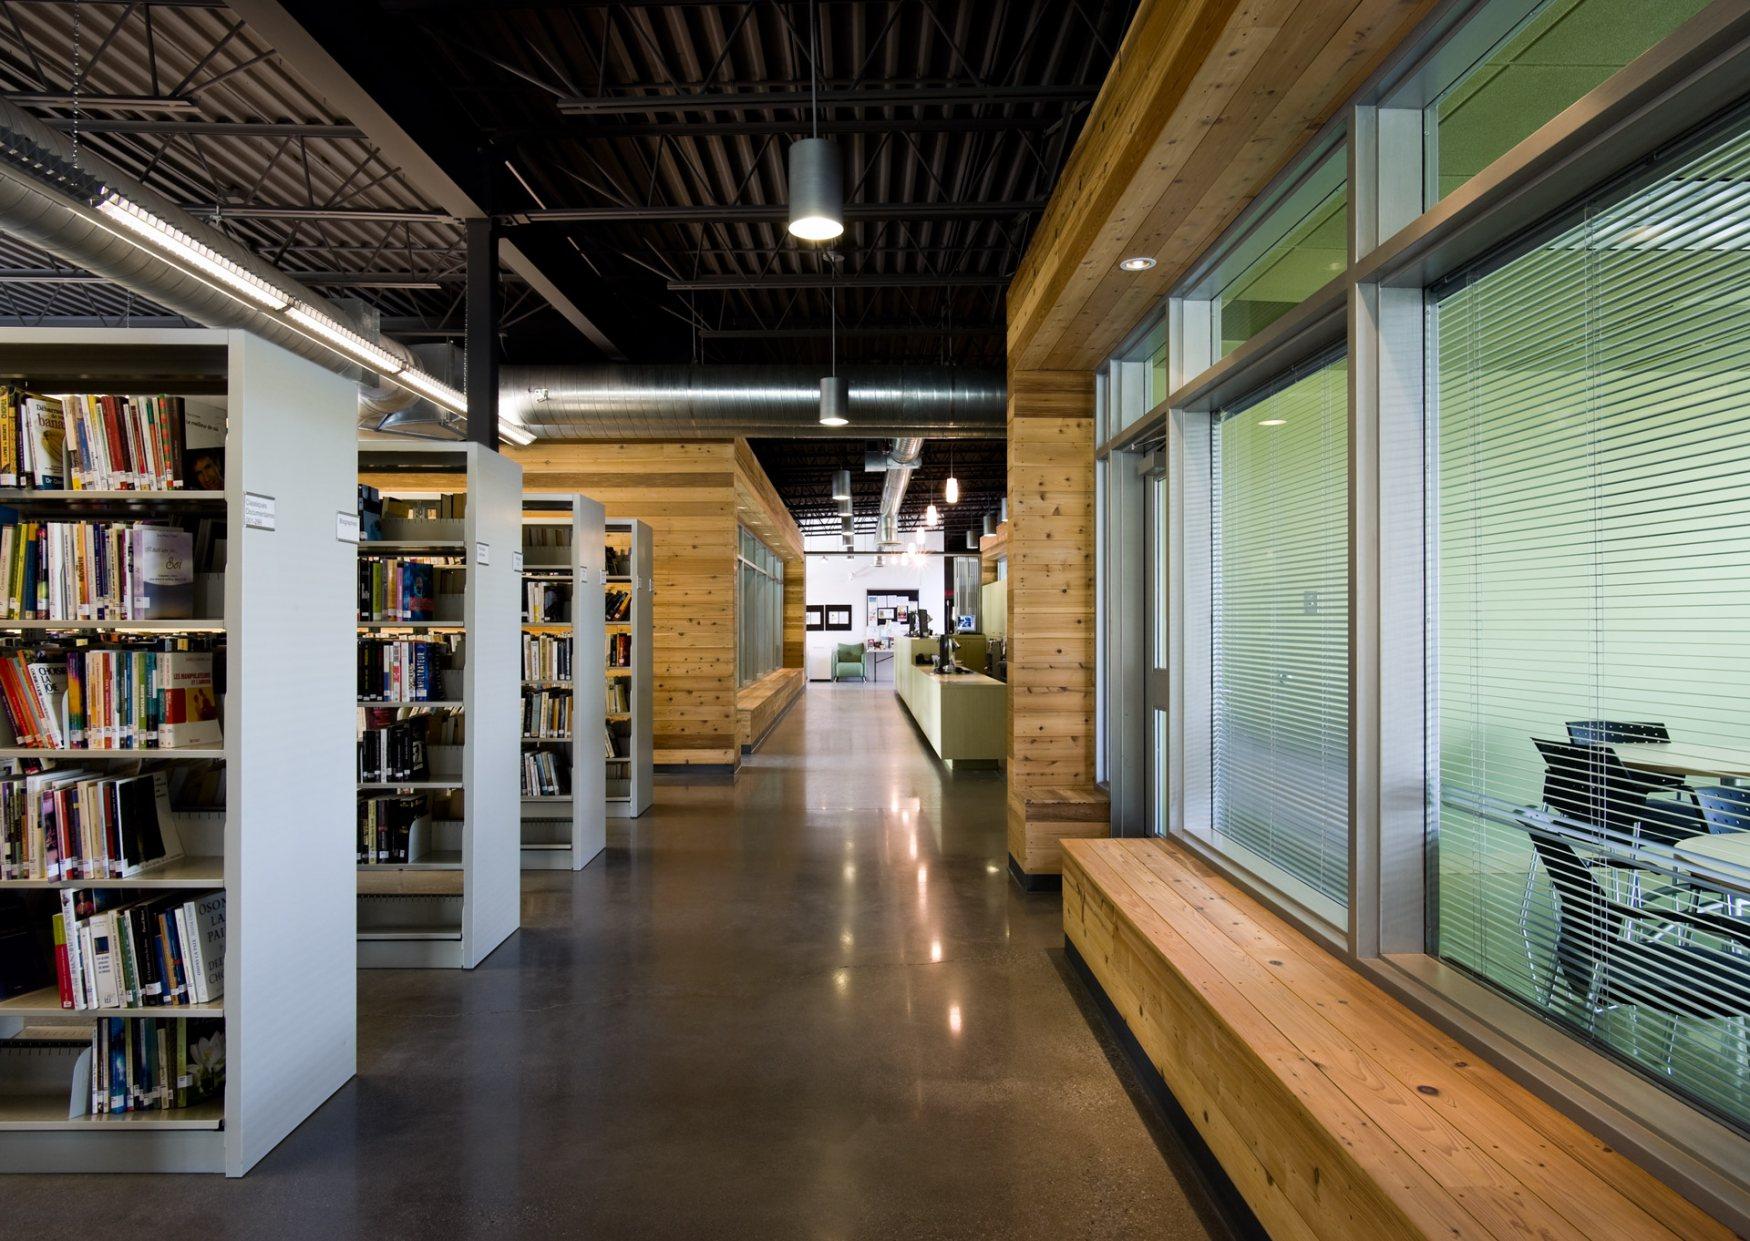 bibliothèque municipale et scolaire de Bromont